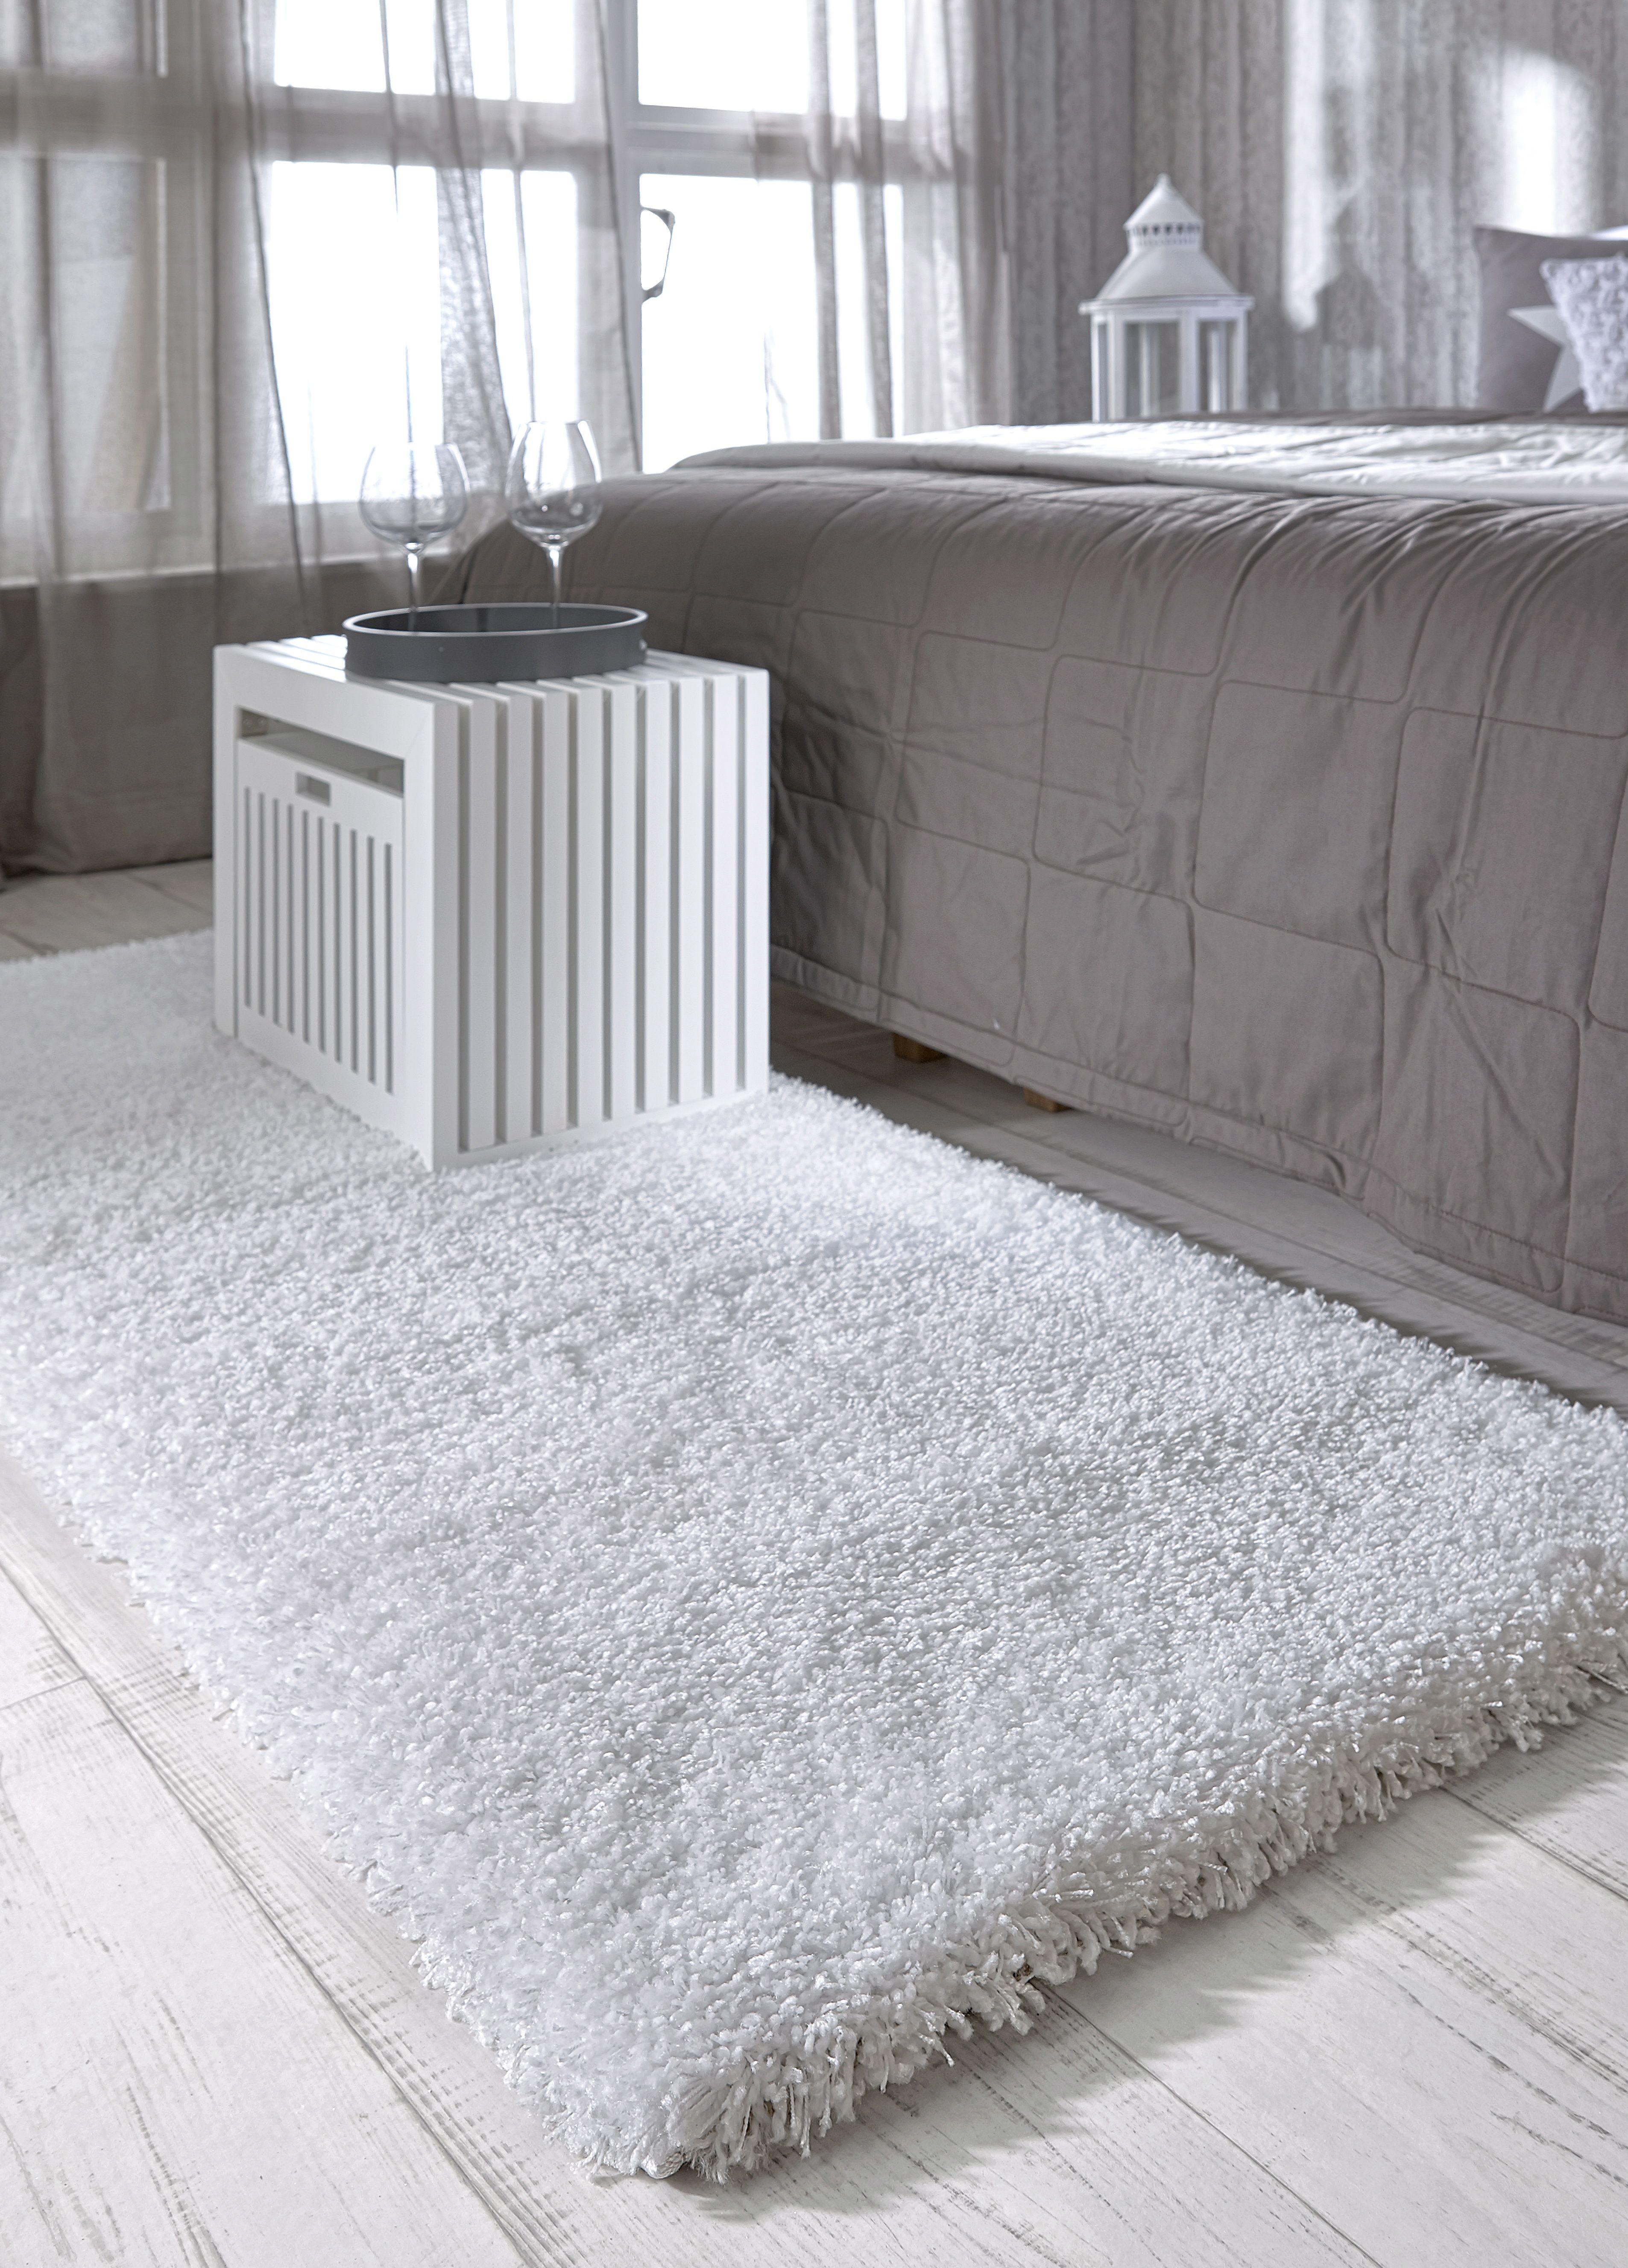 SOHO-sängynvierusmatto 60 x 110 cm. Puhtaan valkoinen